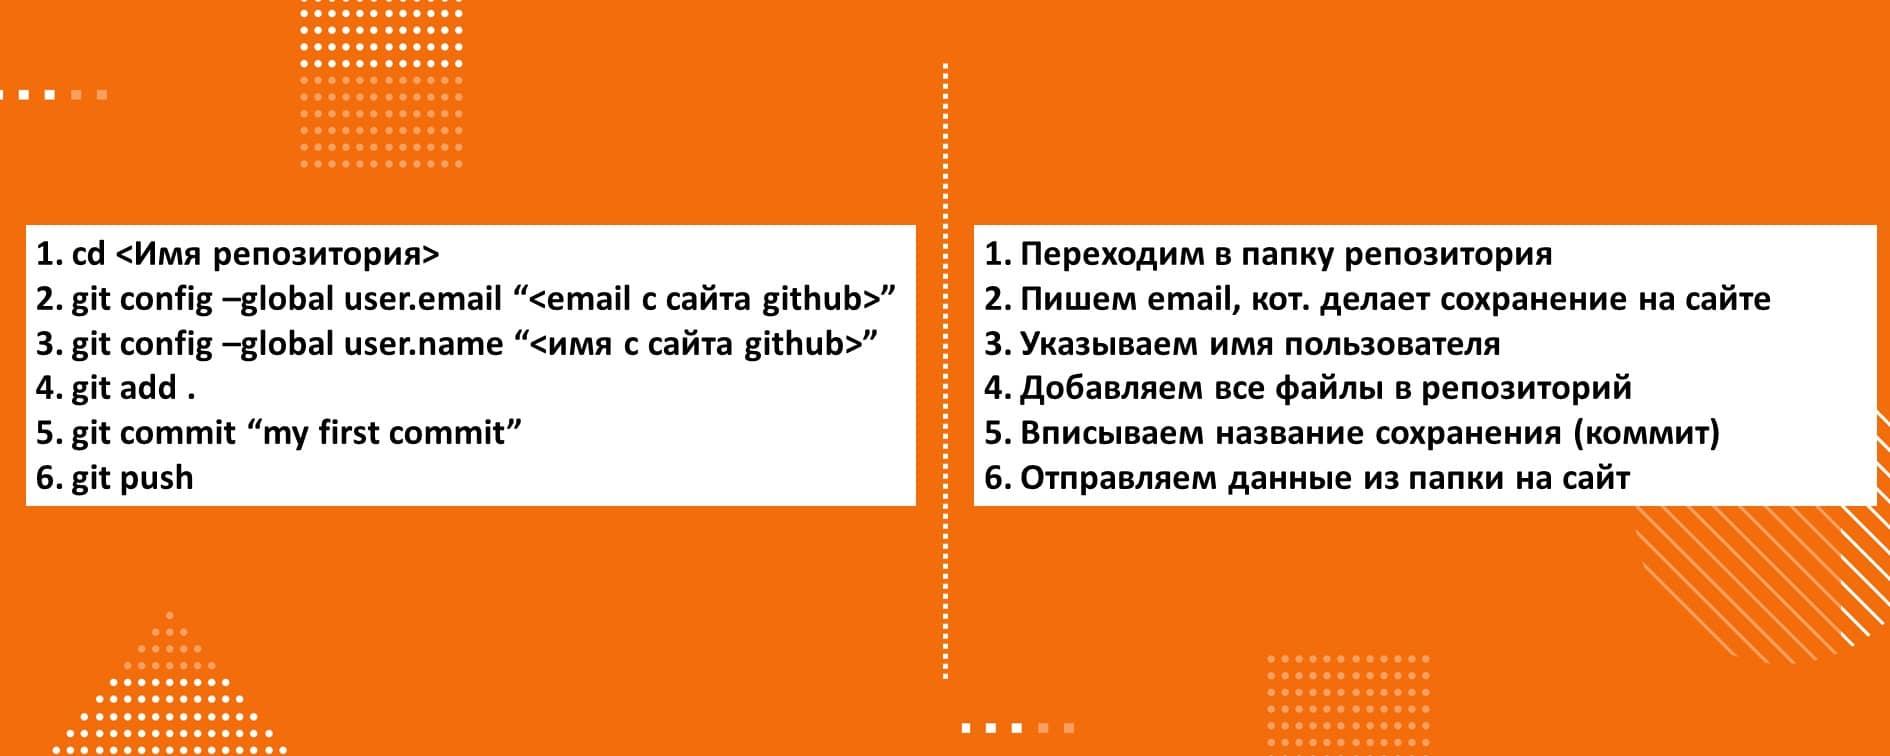 Как пользоваться  GitHub. Основные консольные команды